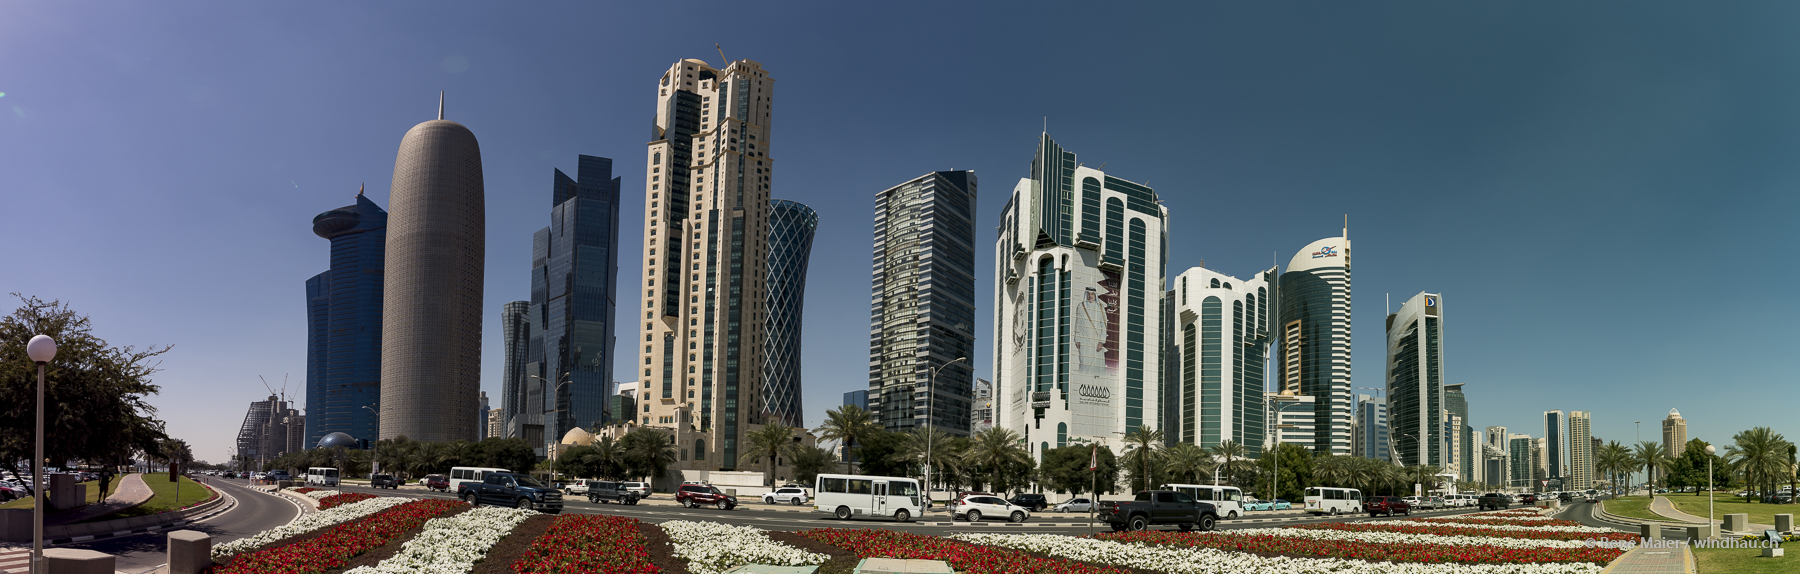 Doha_2018_007